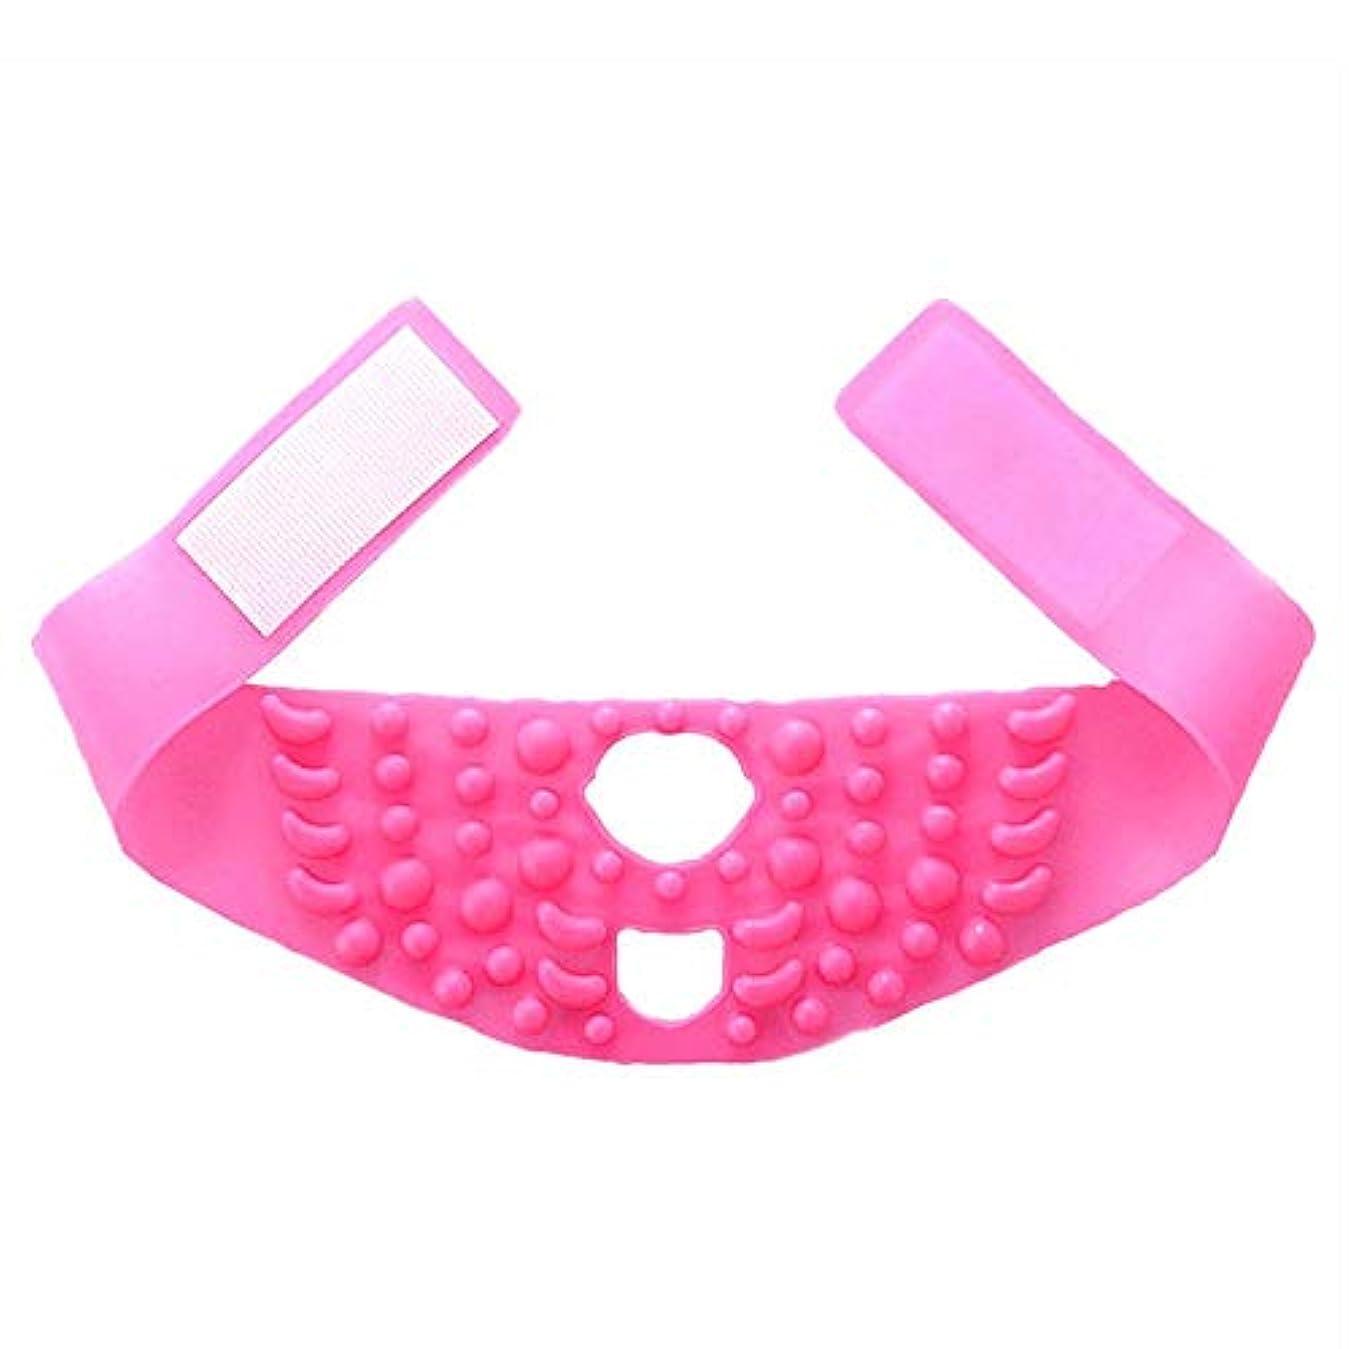 証明書現象並外れてMinmin シンフェイスマスクシリコーンマッサージ引き締まった形の小さなVフェイスリフティングに薄いフェイスアーティファクト包帯を飾る - ピンク みんみんVラインフェイスマスク